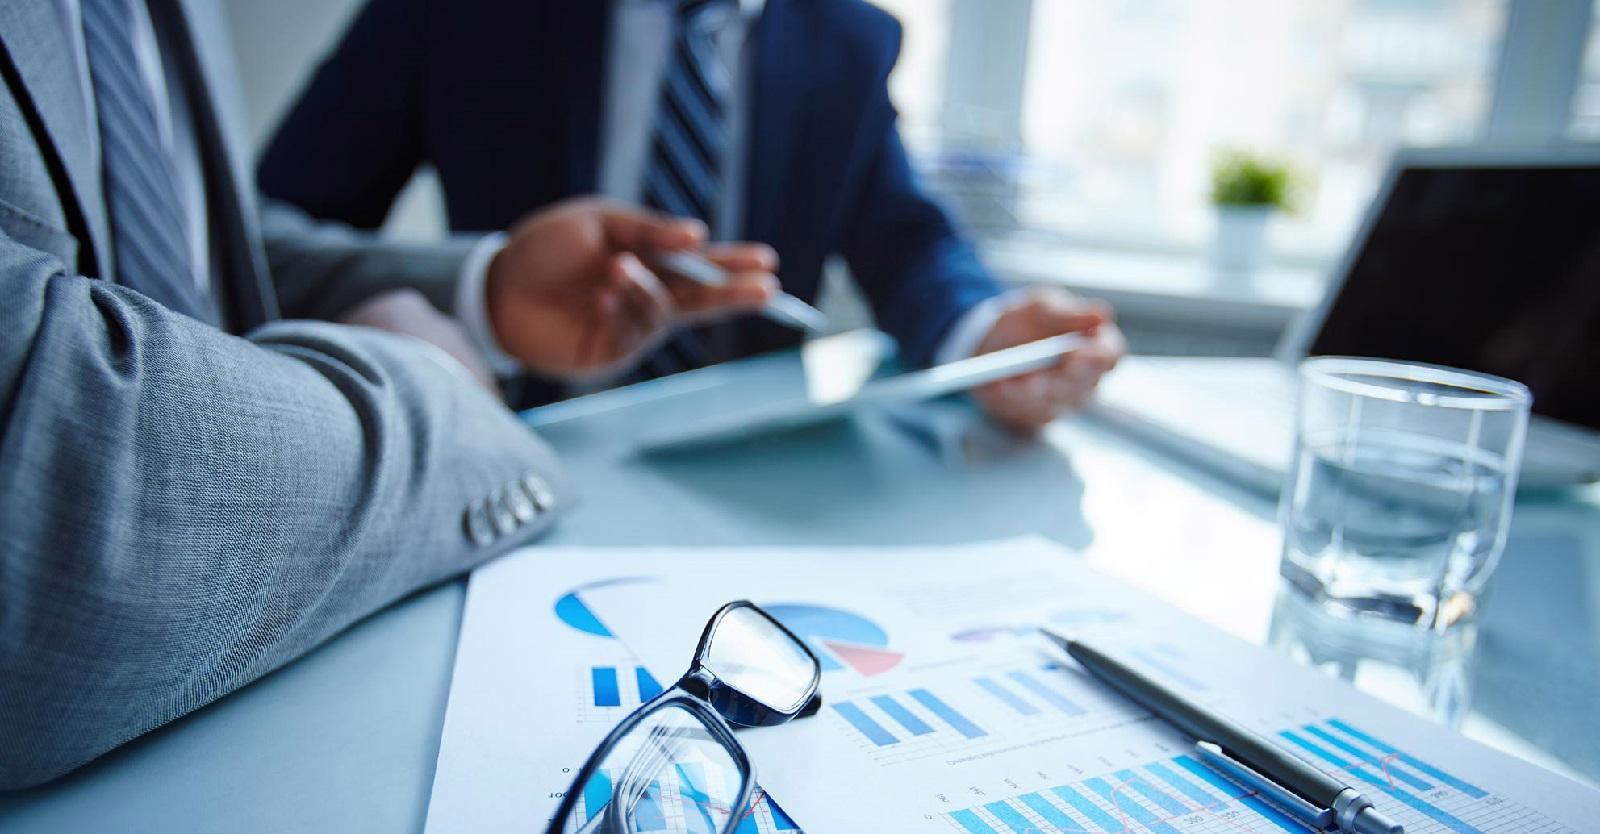 Com menos incentivo a acionistas e impostos menores, empresas podem reinvestir melhor